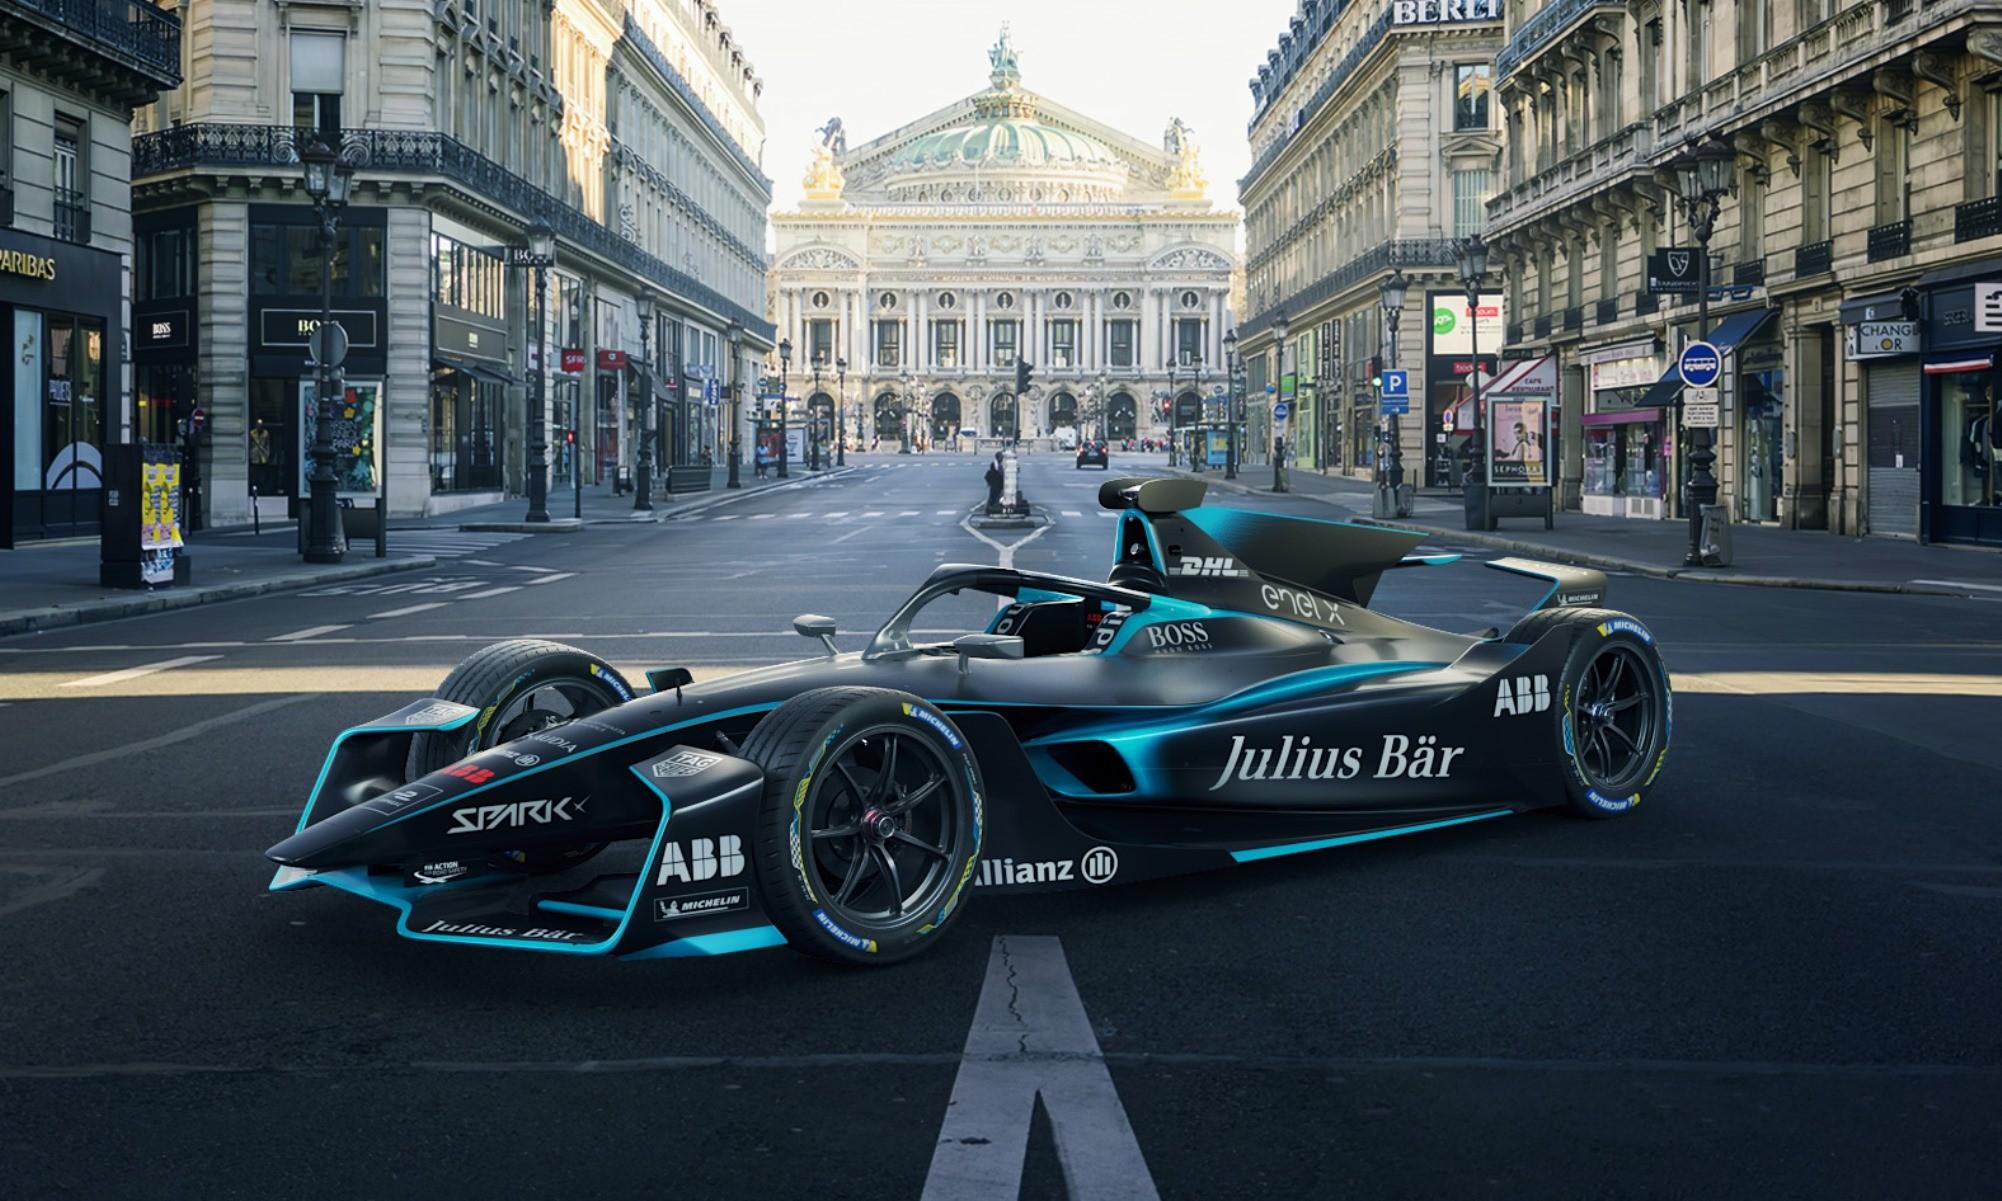 Gen2 Evo Formula E Car in city